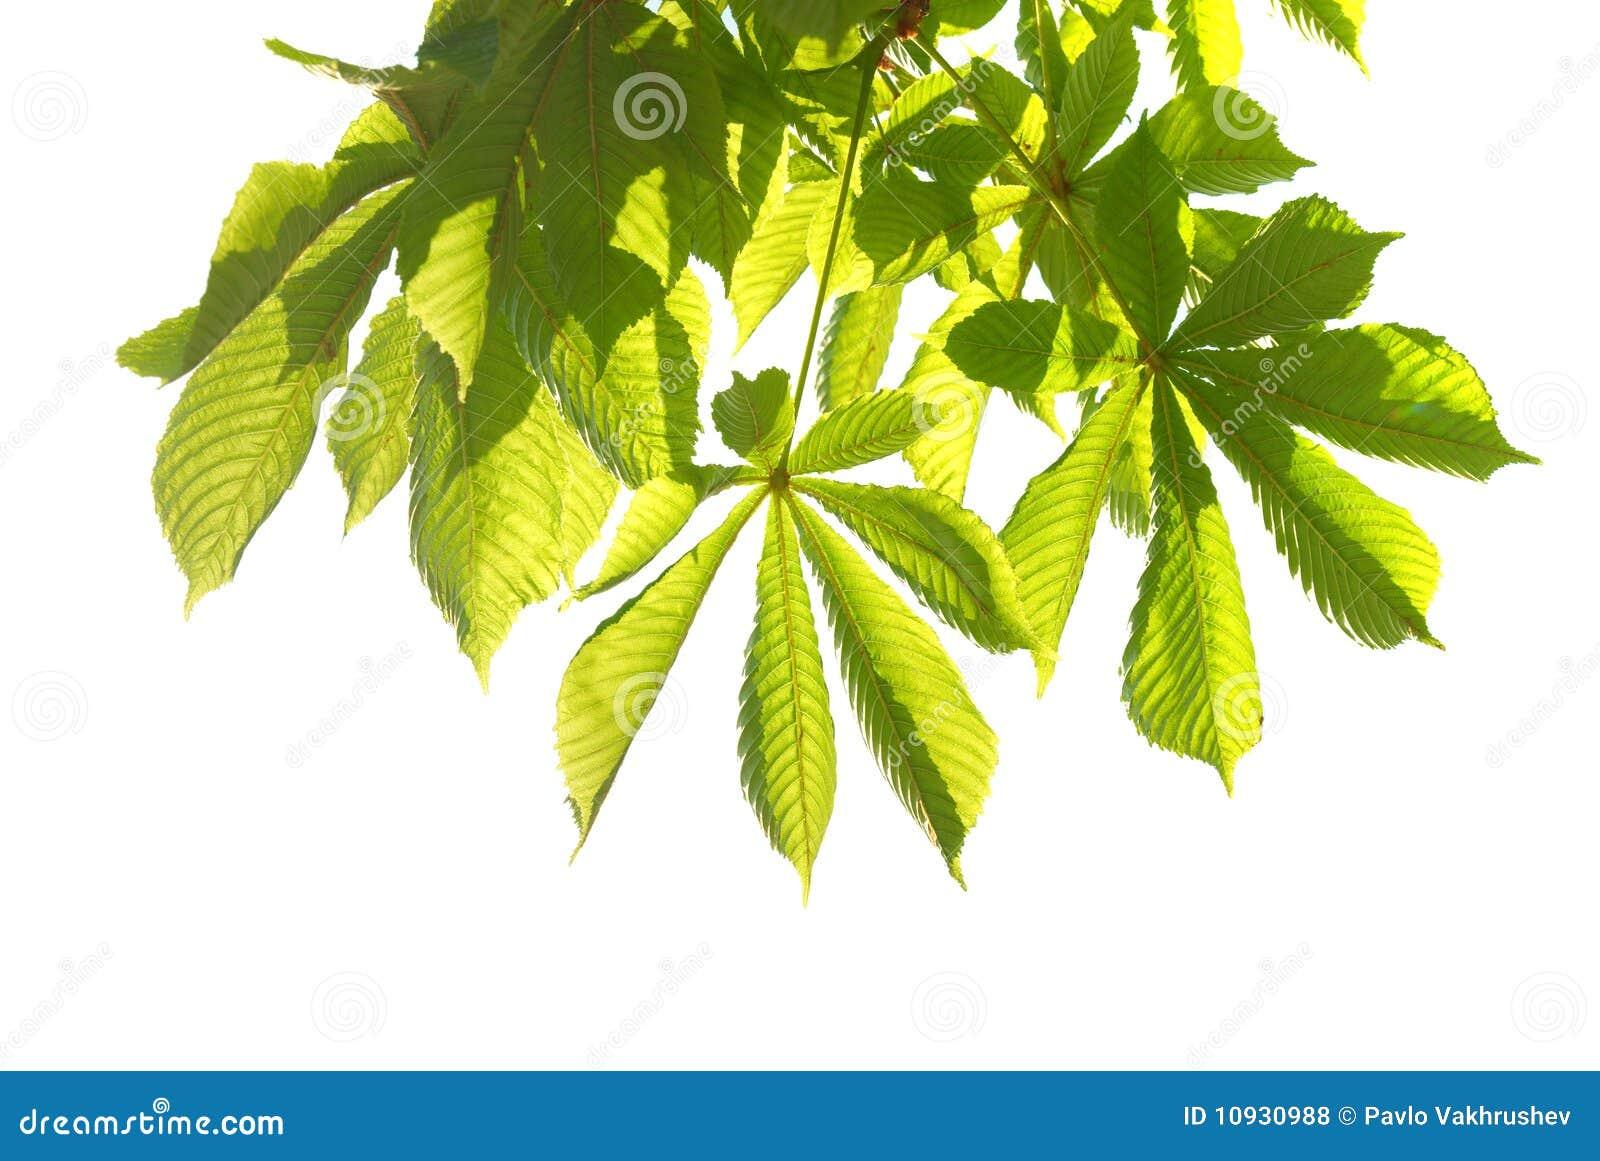 листья зеленого цвета каштана